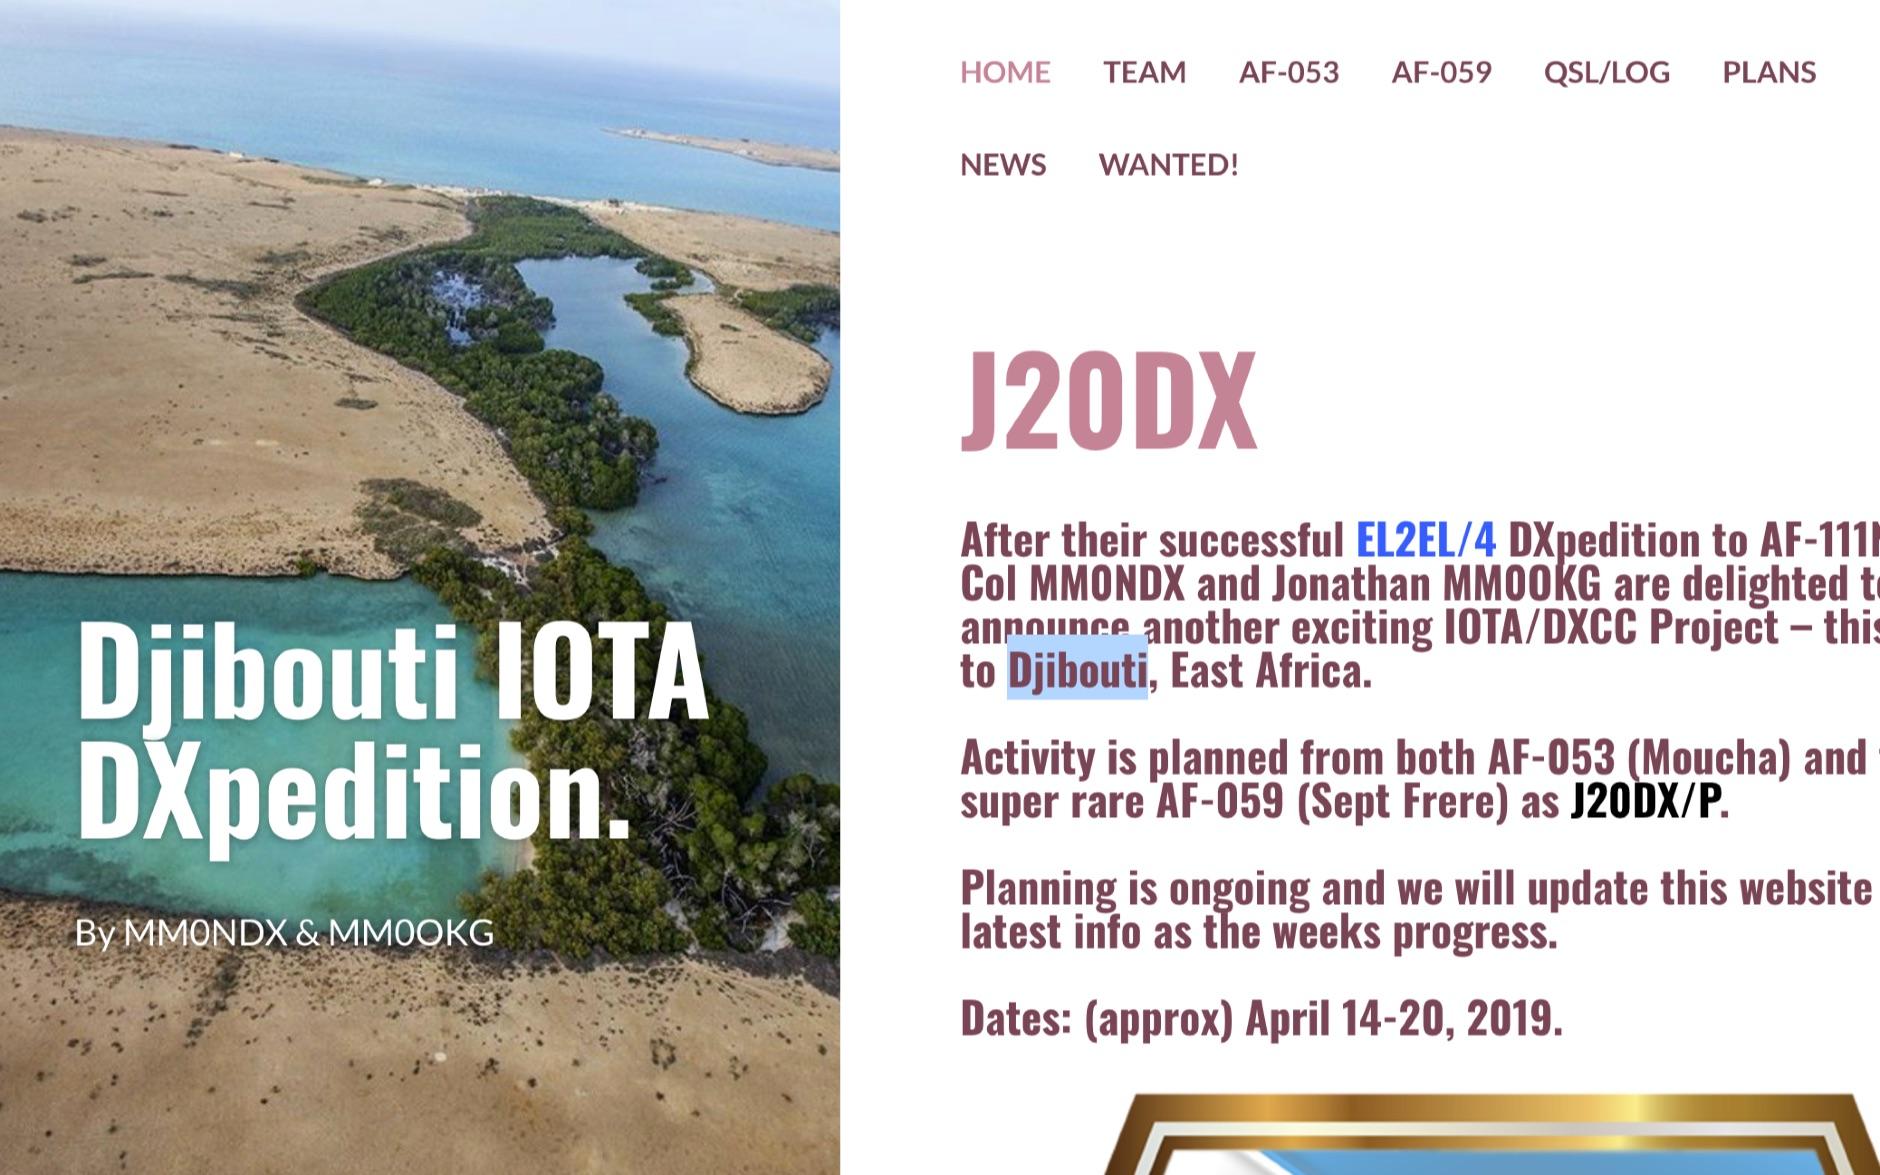 J20DX Djibouti